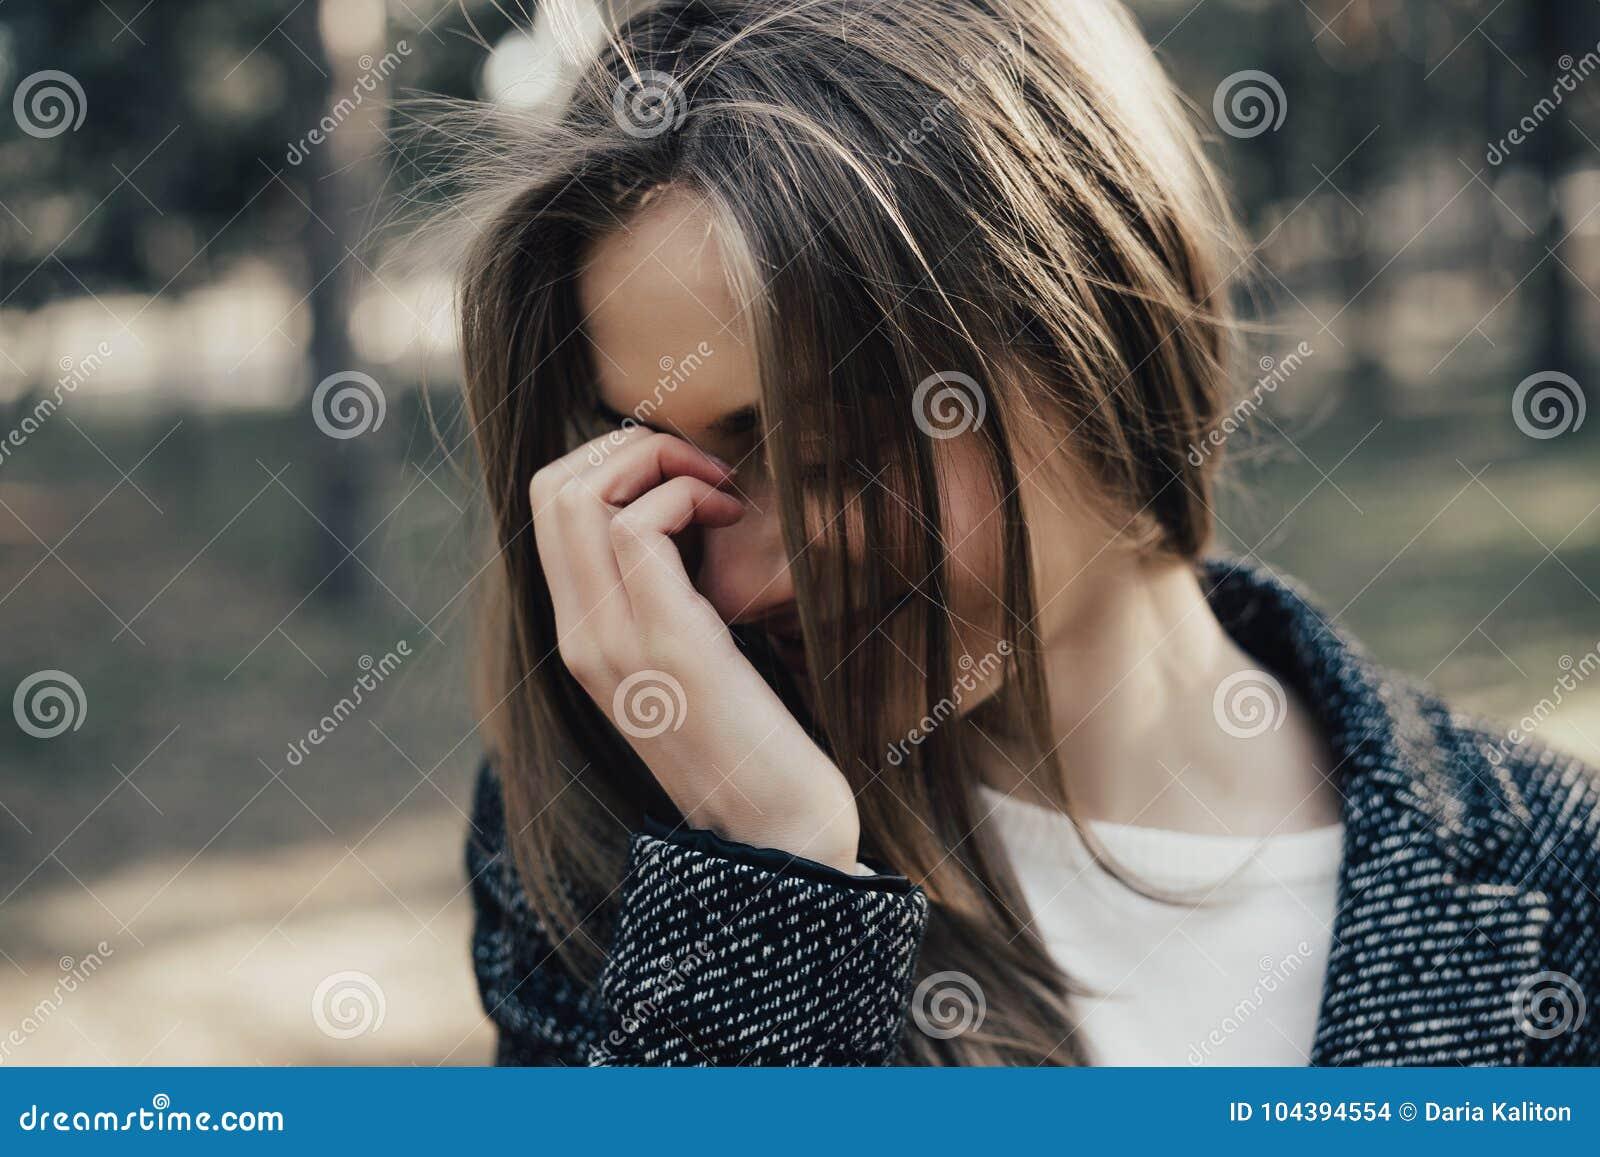 La mujer de moda tímida cubre su cara con su mano